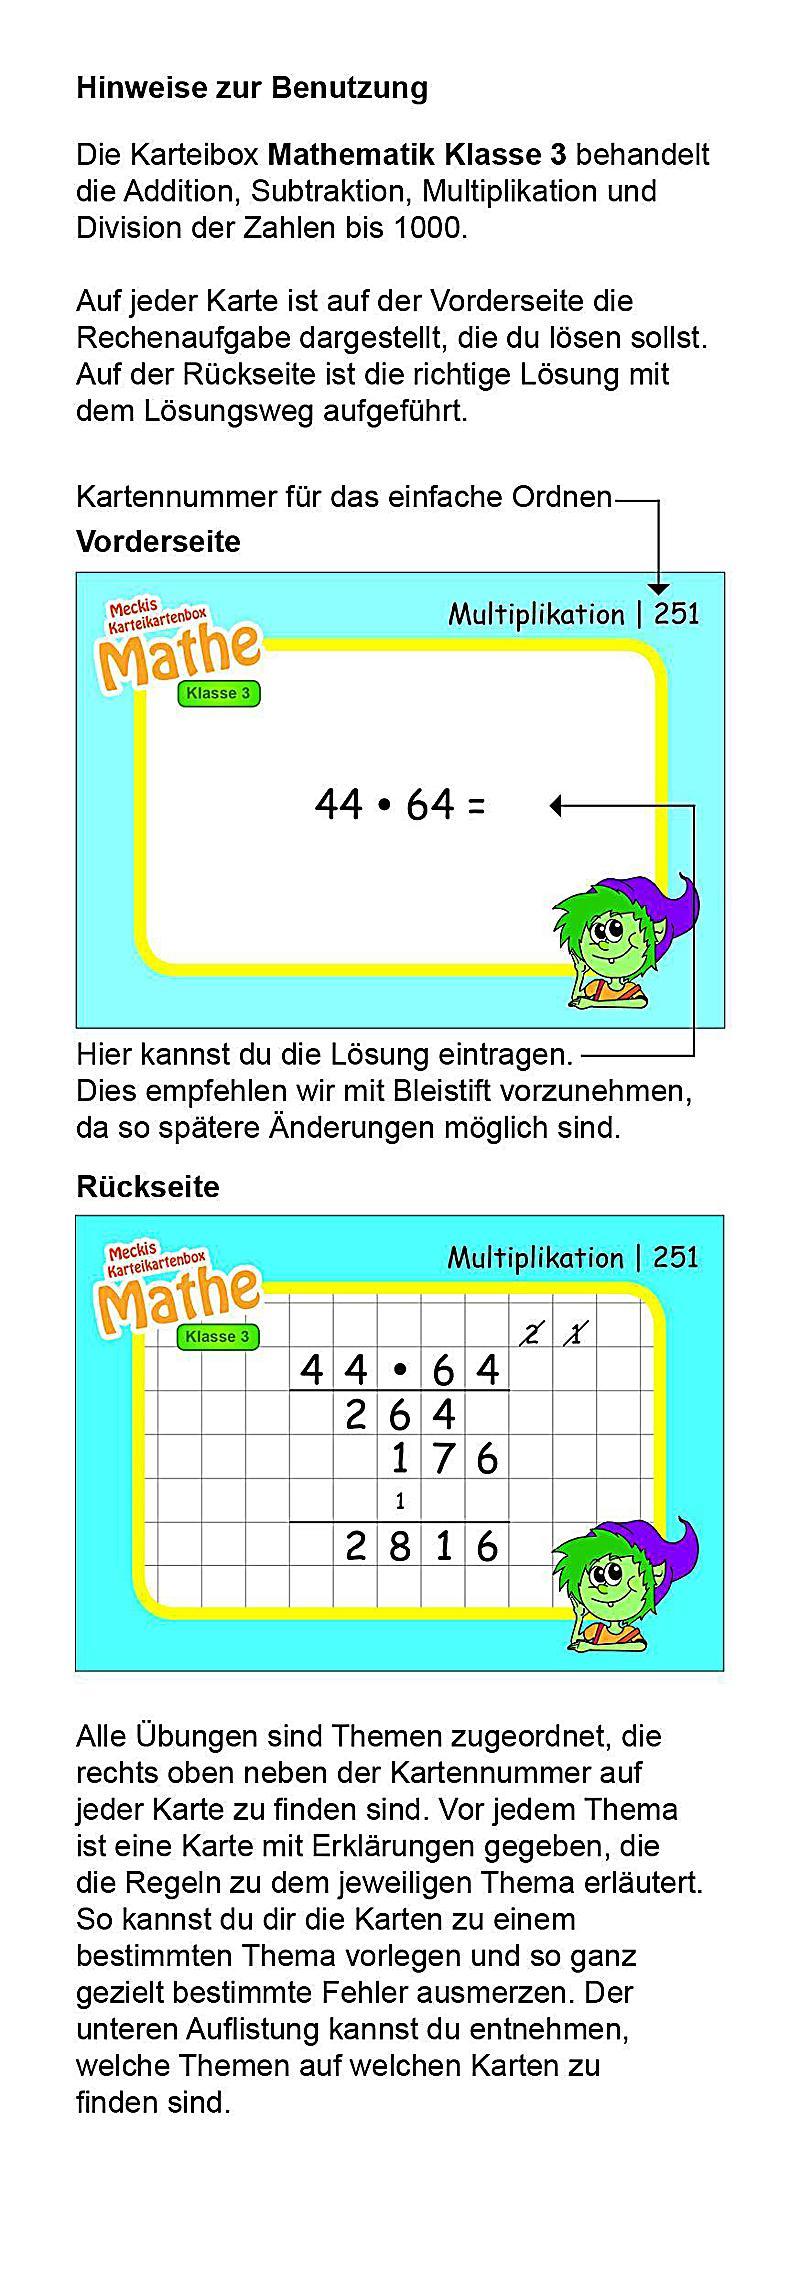 Karteibox Mathe Klasse 3 Buch bei Weltbild.ch online bestellen